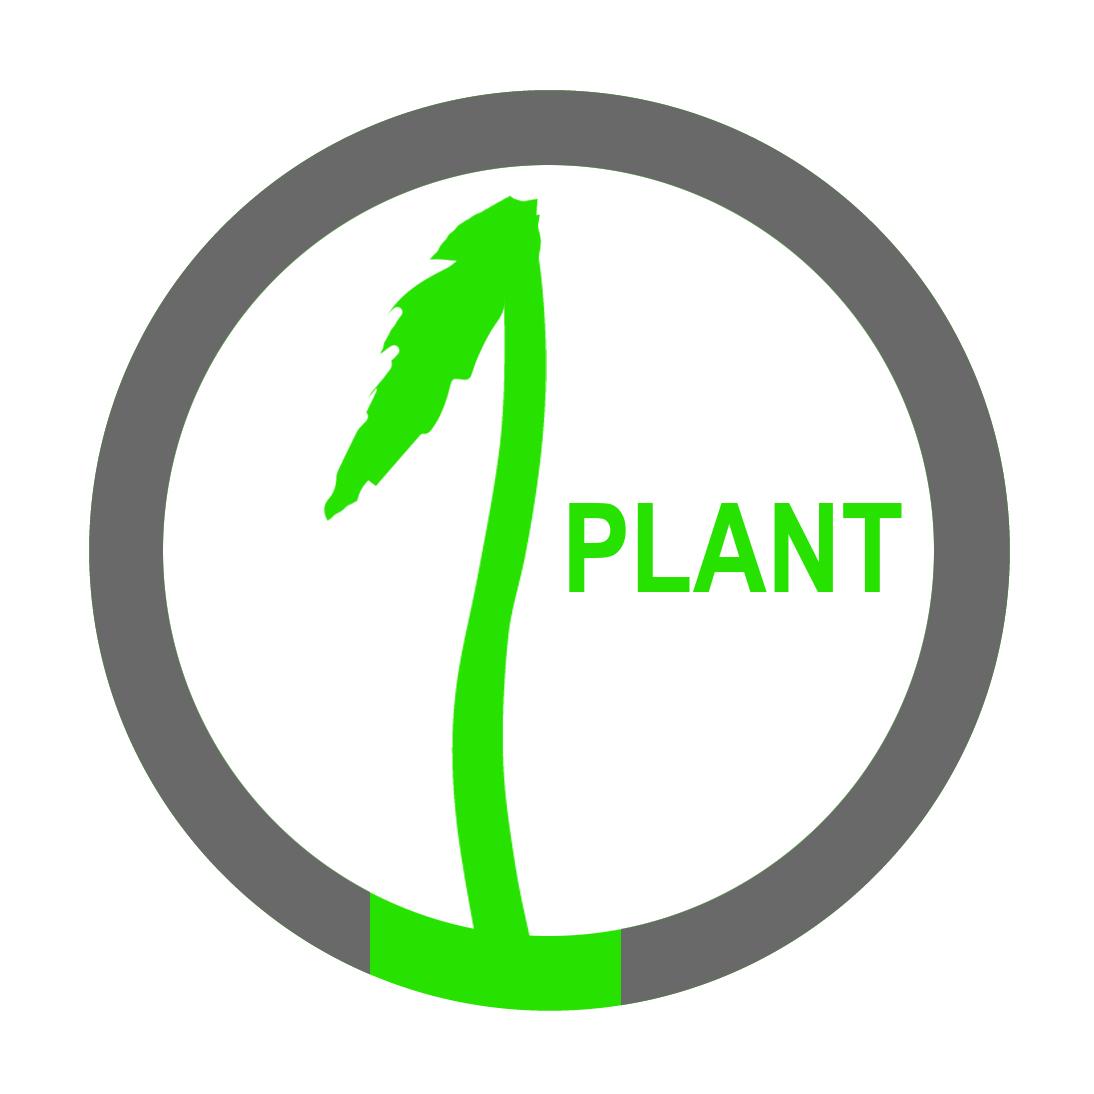 1Plant